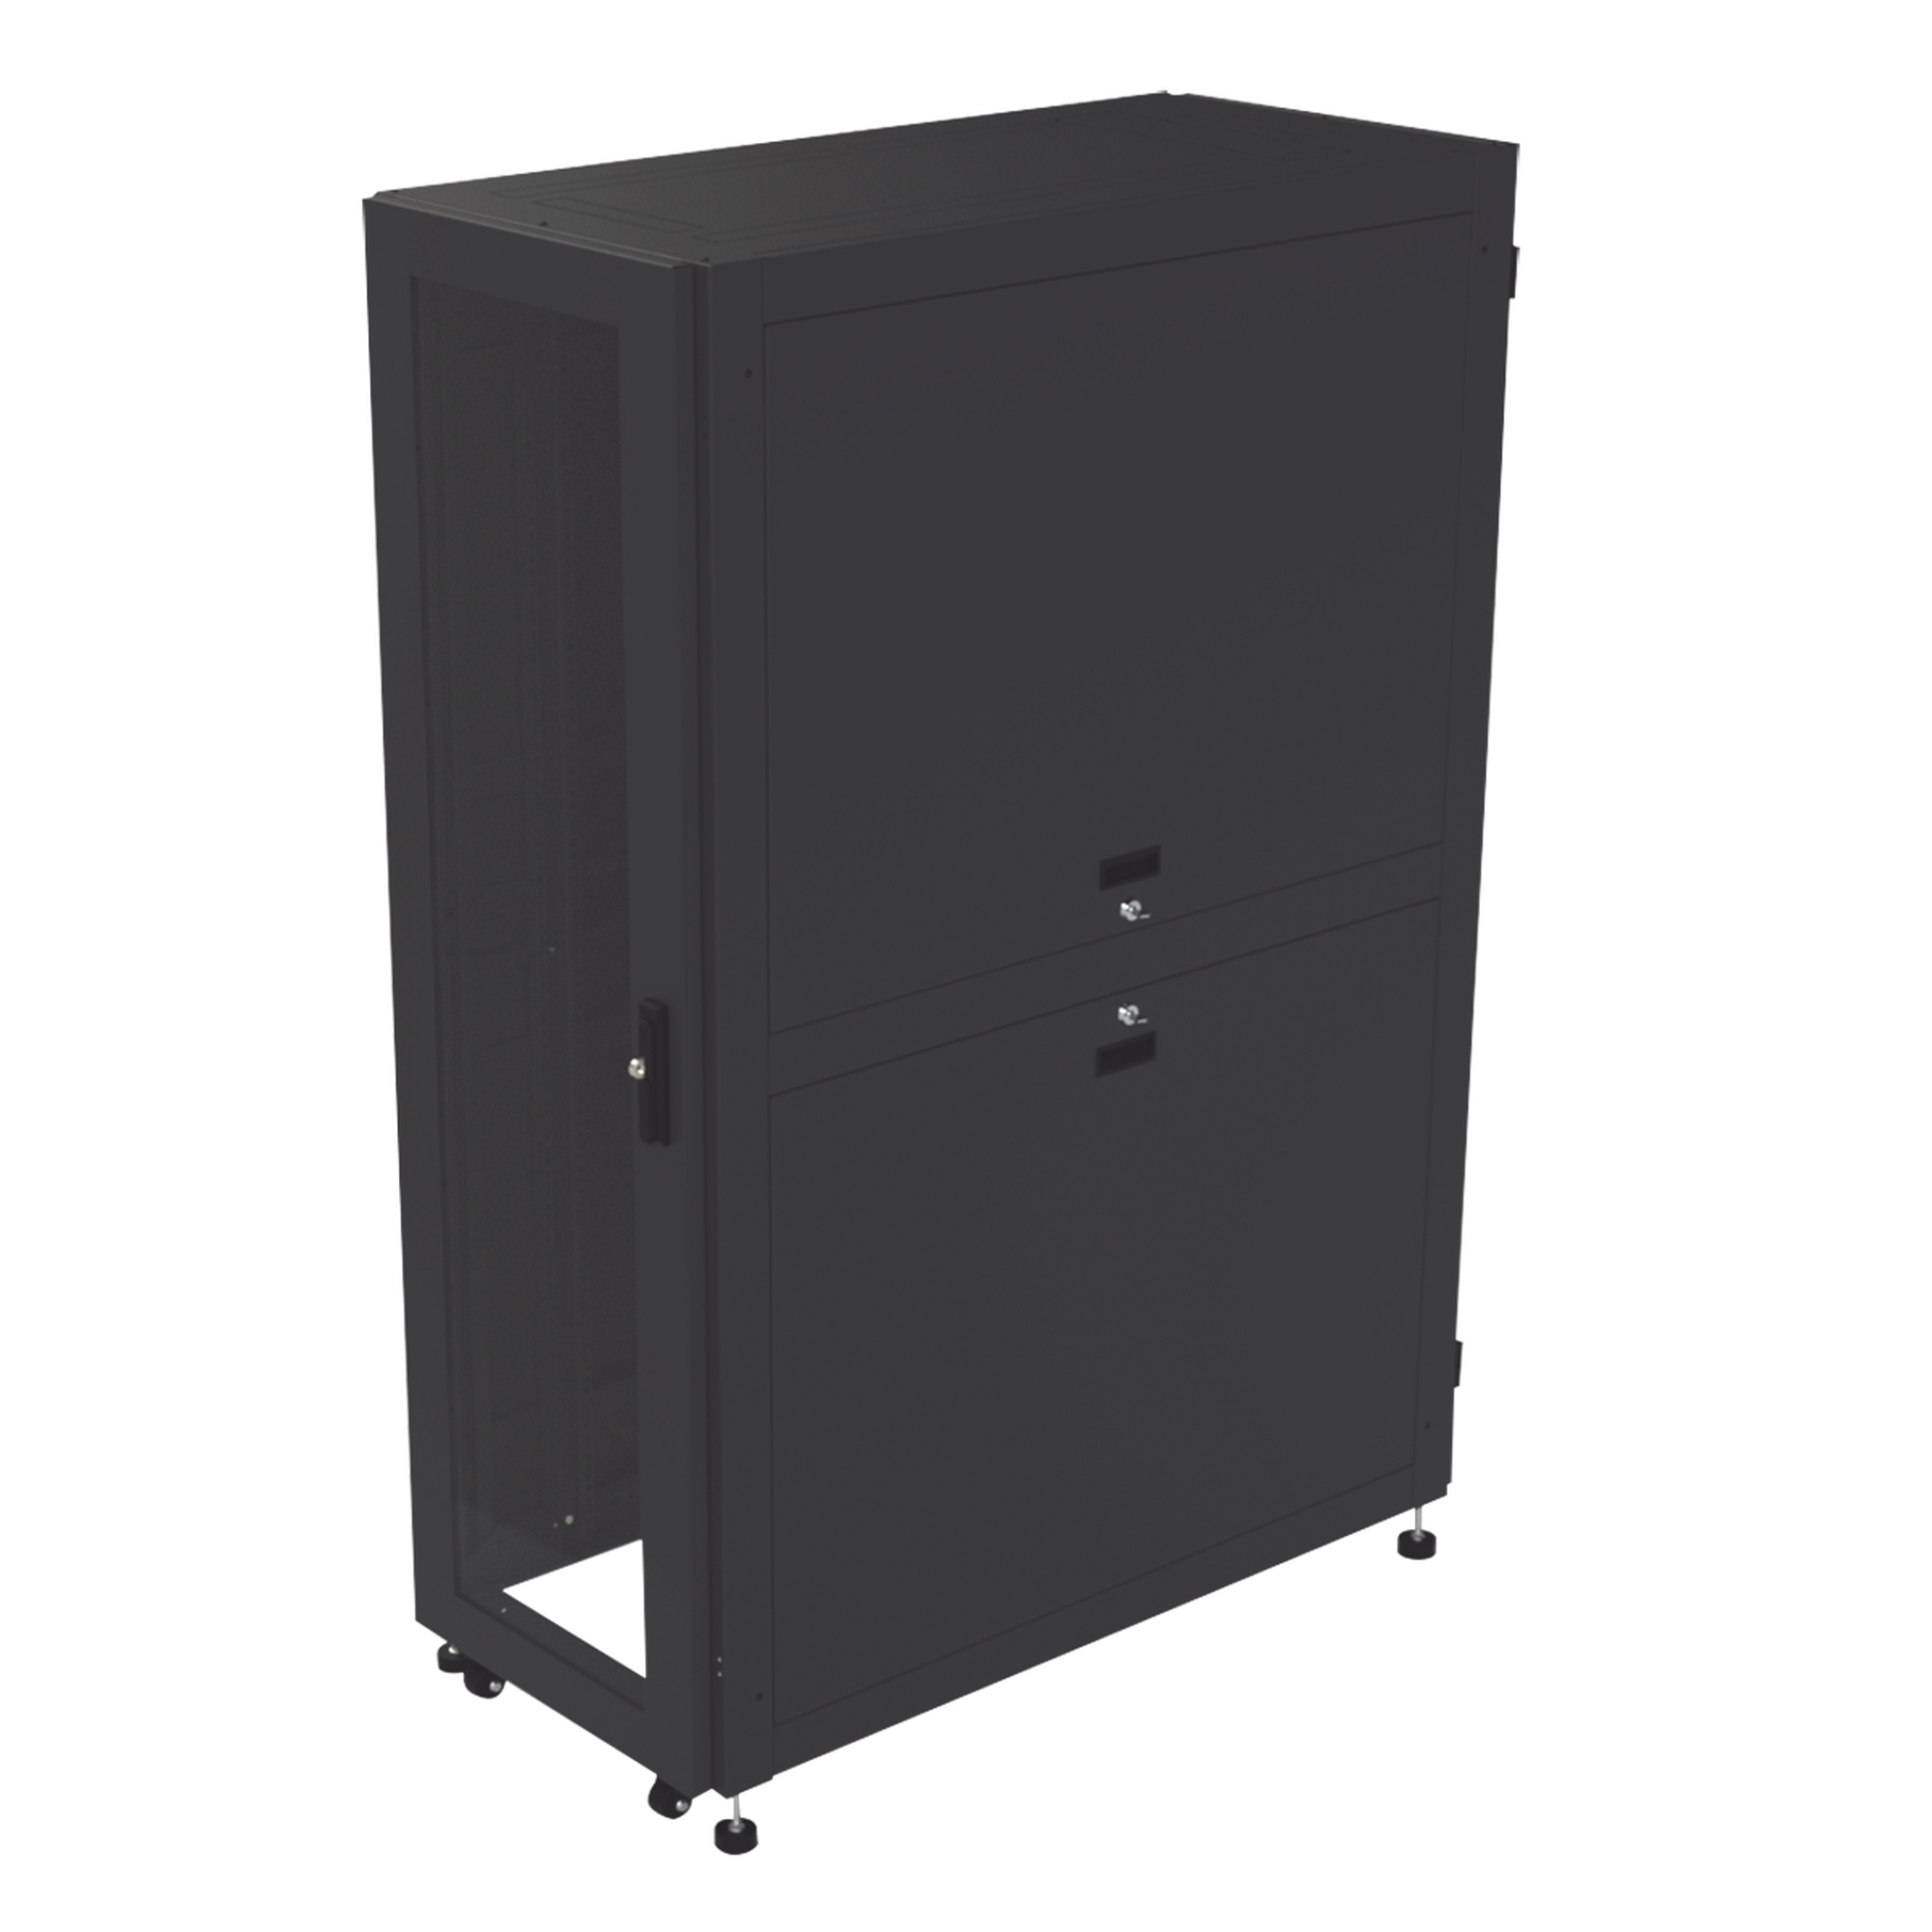 Gabinete Profesional para Telecomunicaciones de 37UR, 600 mm de Ancho x 1200 mm de Profundidad.